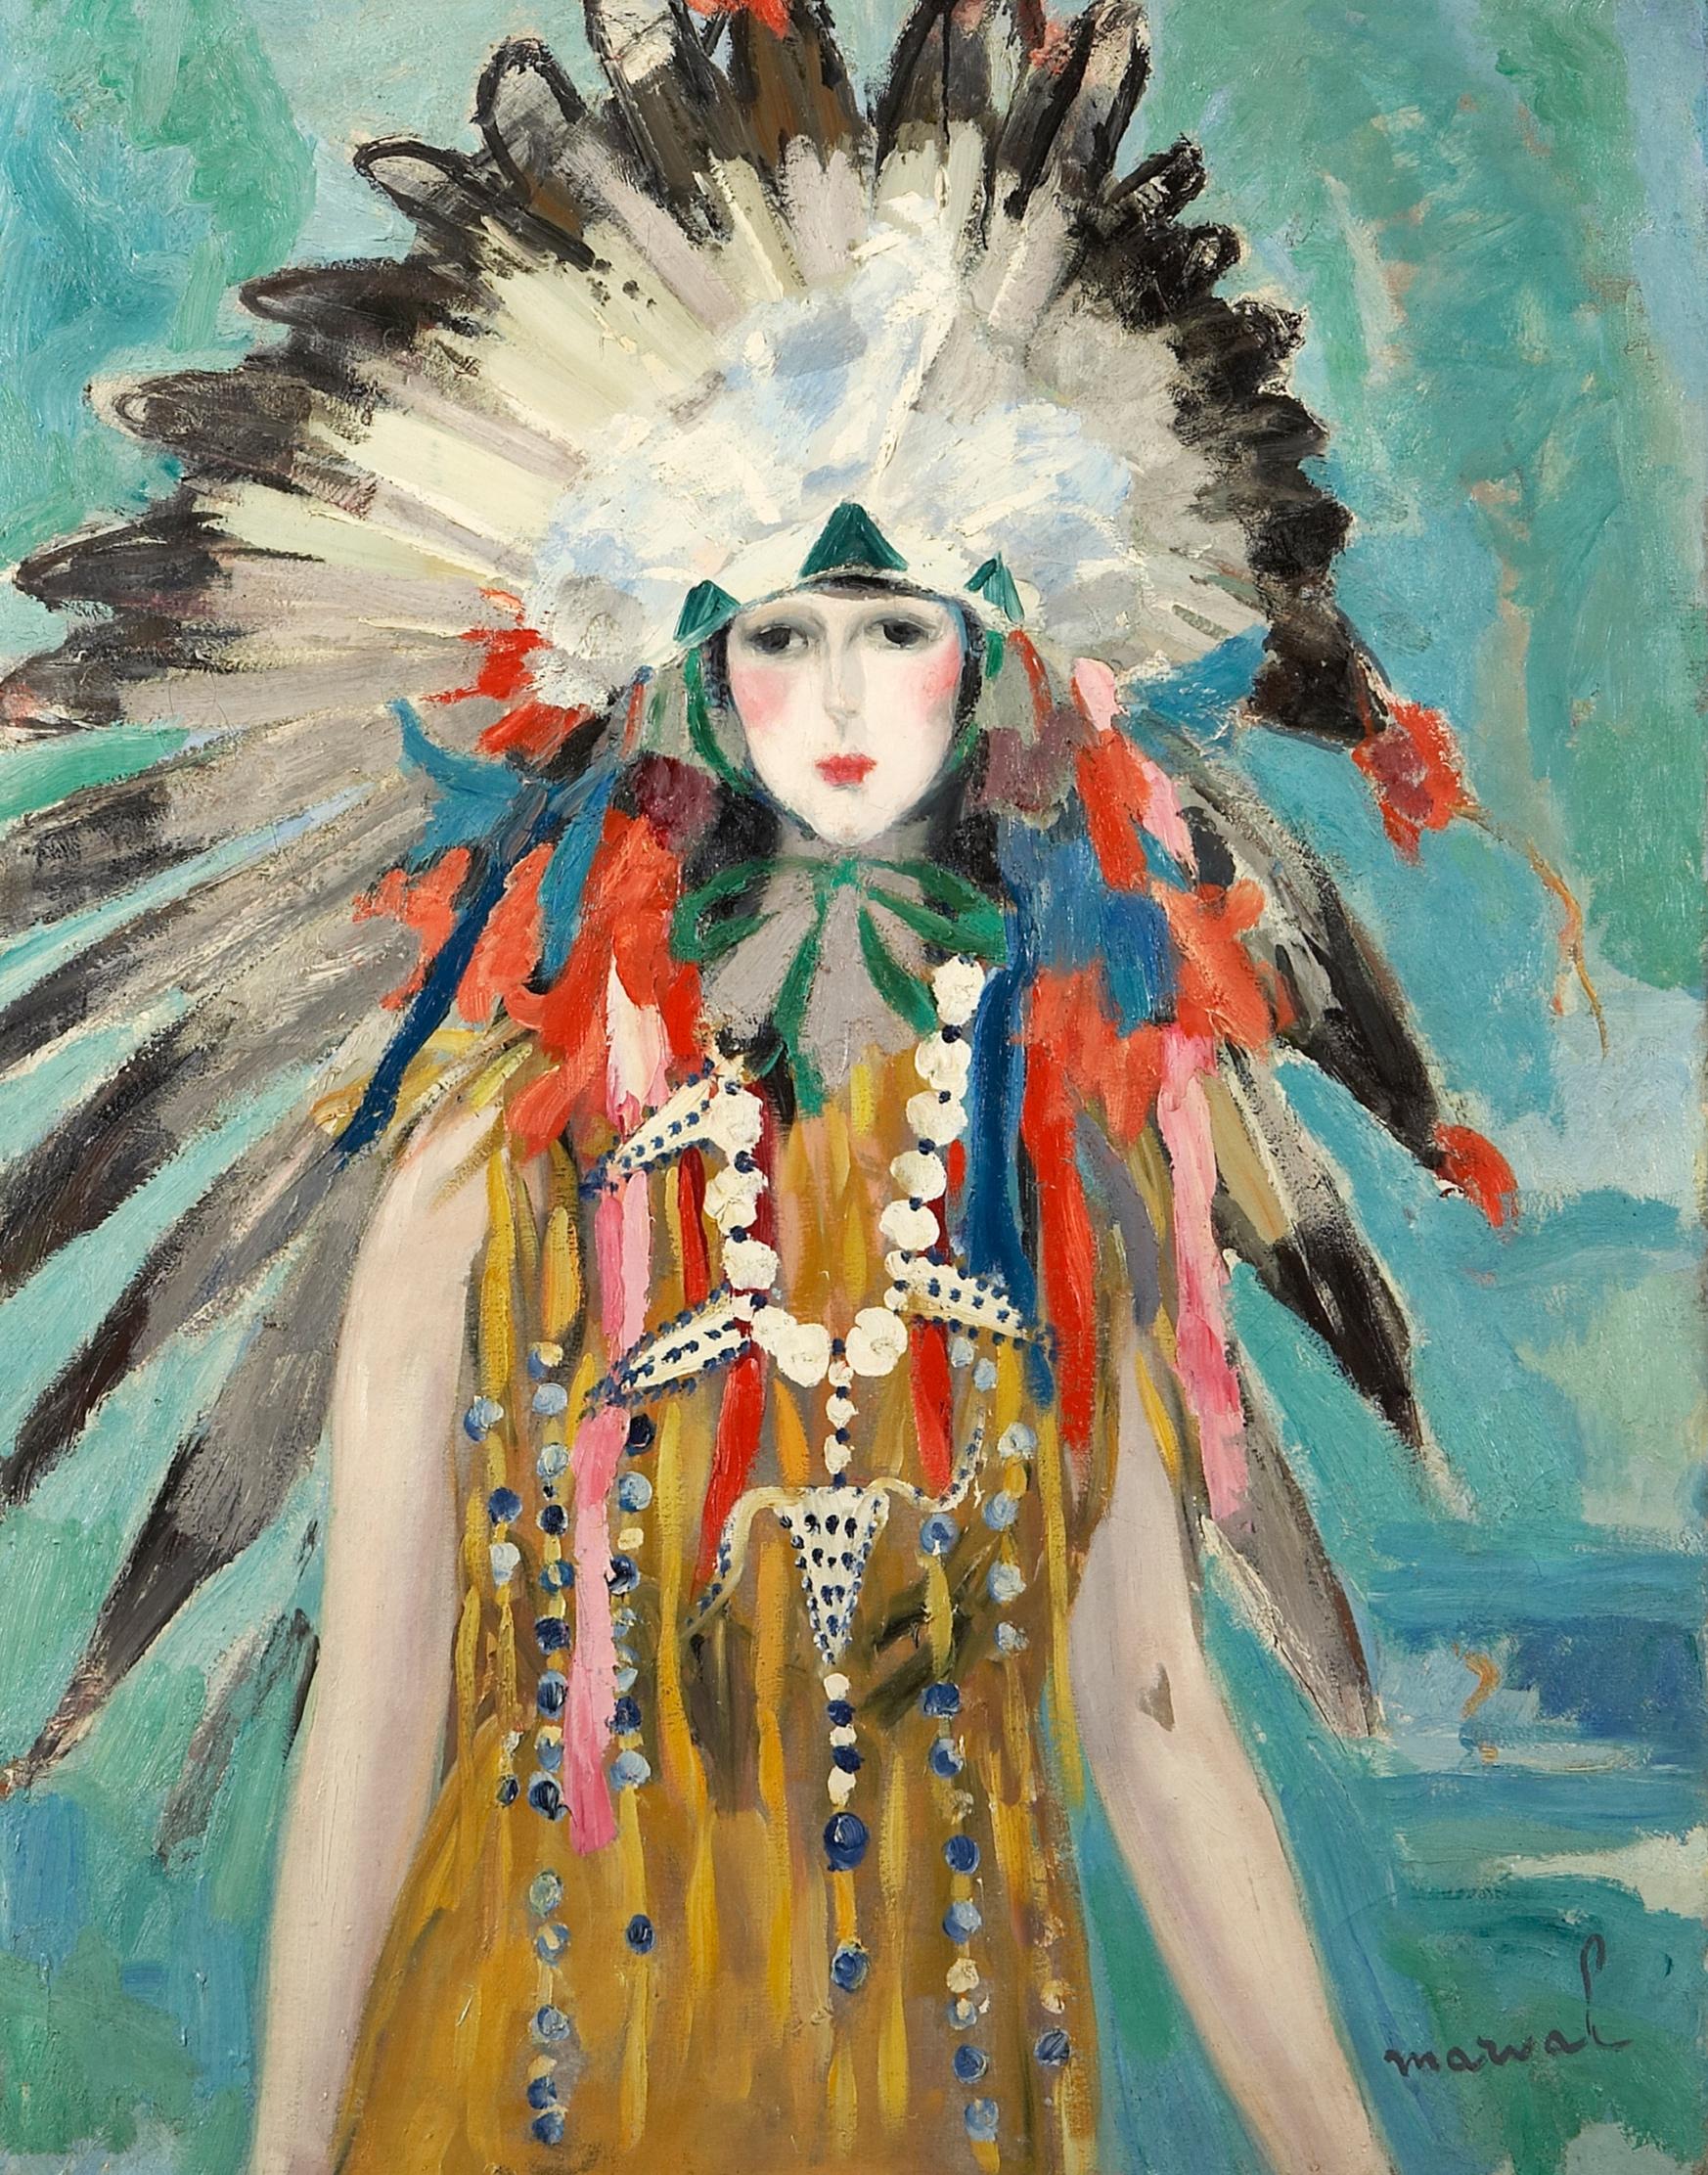 La Reine des Sioux, portait de Madame G. Menier, Jacqueline Marval, 1923. Huile sur toile, 116 cm x 89 cm. Ancienne collection Paul Baignières, Paris. Collection privée, U.S.A.